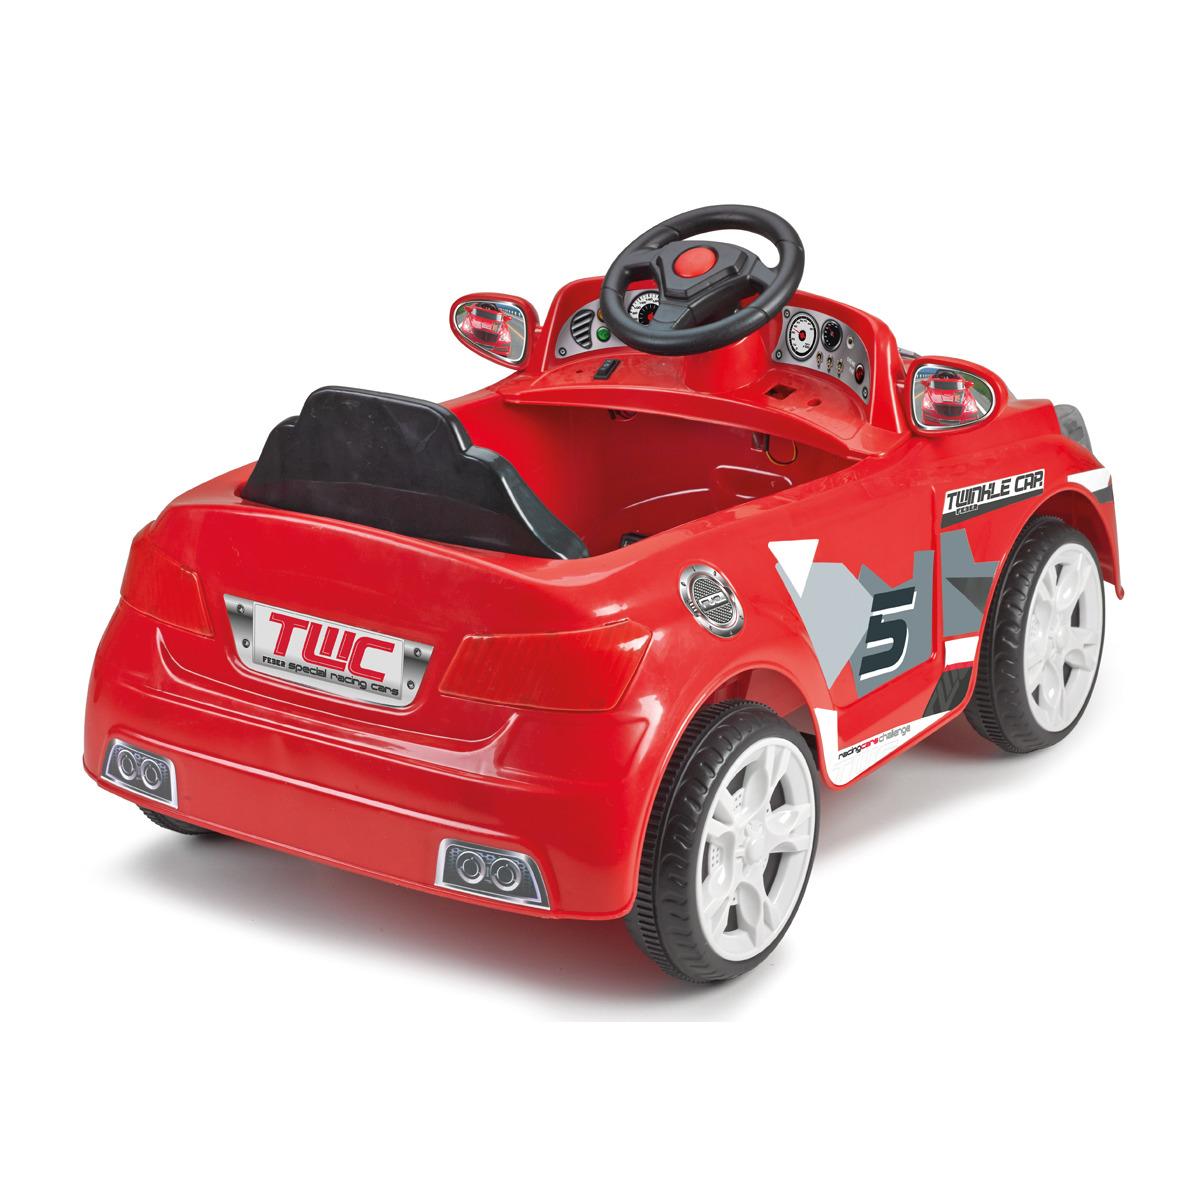 TWINKLE CAR 12V R/C 12263 -  N45220